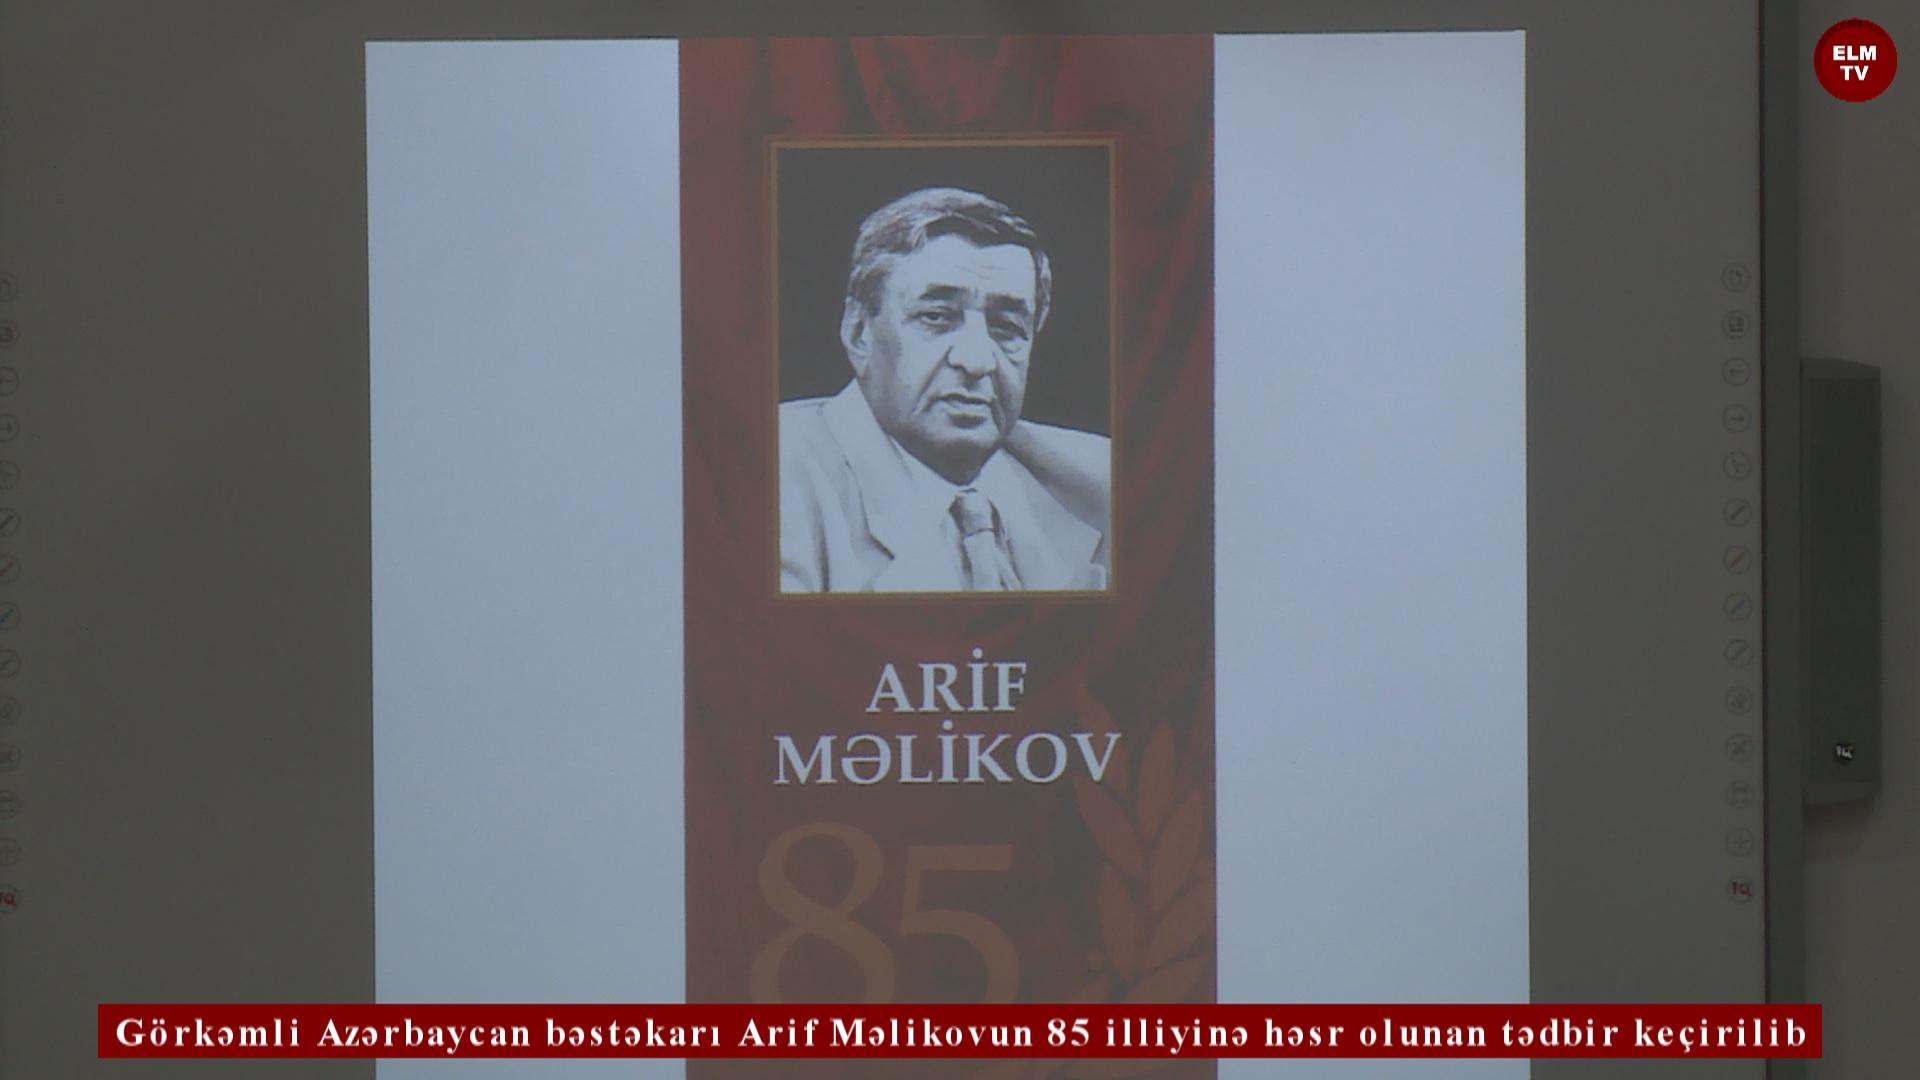 Görkəmli Azərbaycan bəstəkarı Arif Məlikovun 85 illiyinə həsr olunan tədbir keçirilib